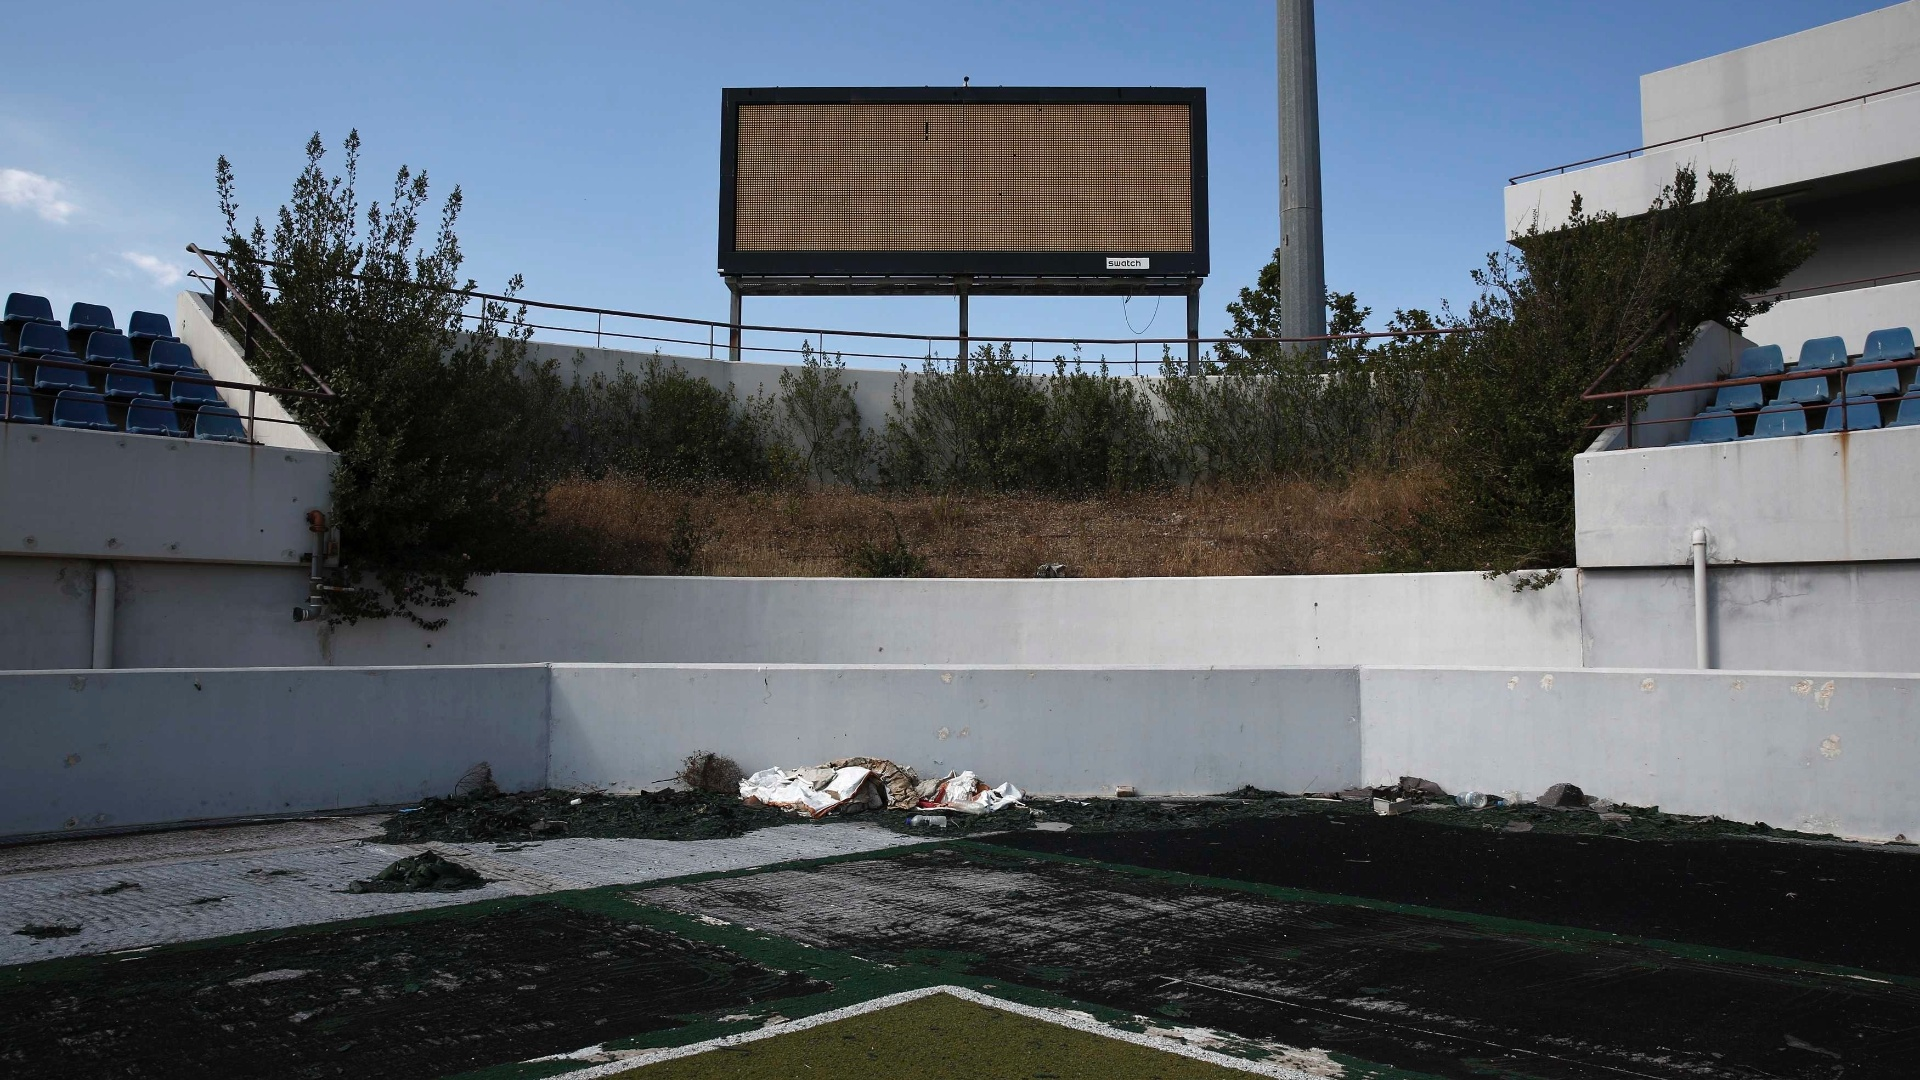 16.jul.2014 - Estádio que recebeu os jogos de hóquei na grama na Olimpíada de Atenas também está inutilizado, 10 anos depois após o evento